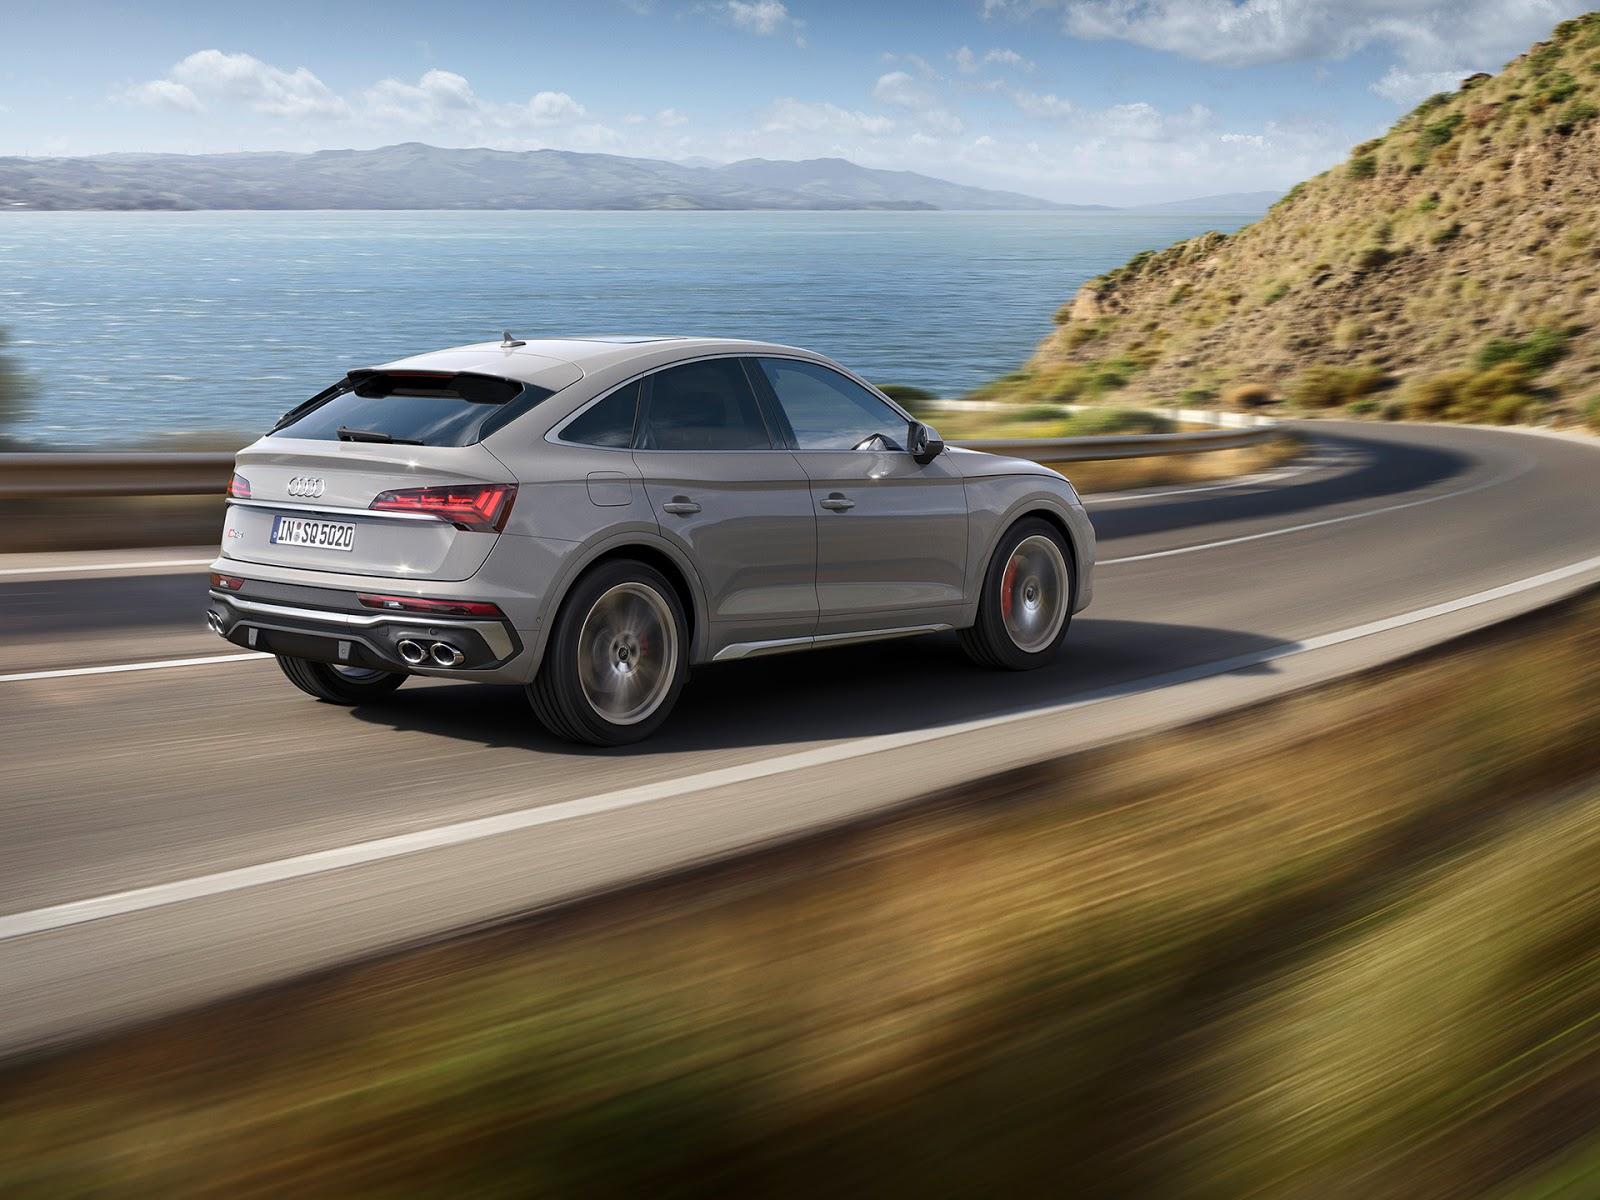 AUDI2BSQ52BSPORTBACK2BTDI 4 Audi SQ5 Sportback TDI: η σπορ έκδοση στην κορυφή της γκάμας του μοντέλου Audi, Audi SQ5, SQ5, ειδήσεις, καινούργιο, καινούρια, καινούριο